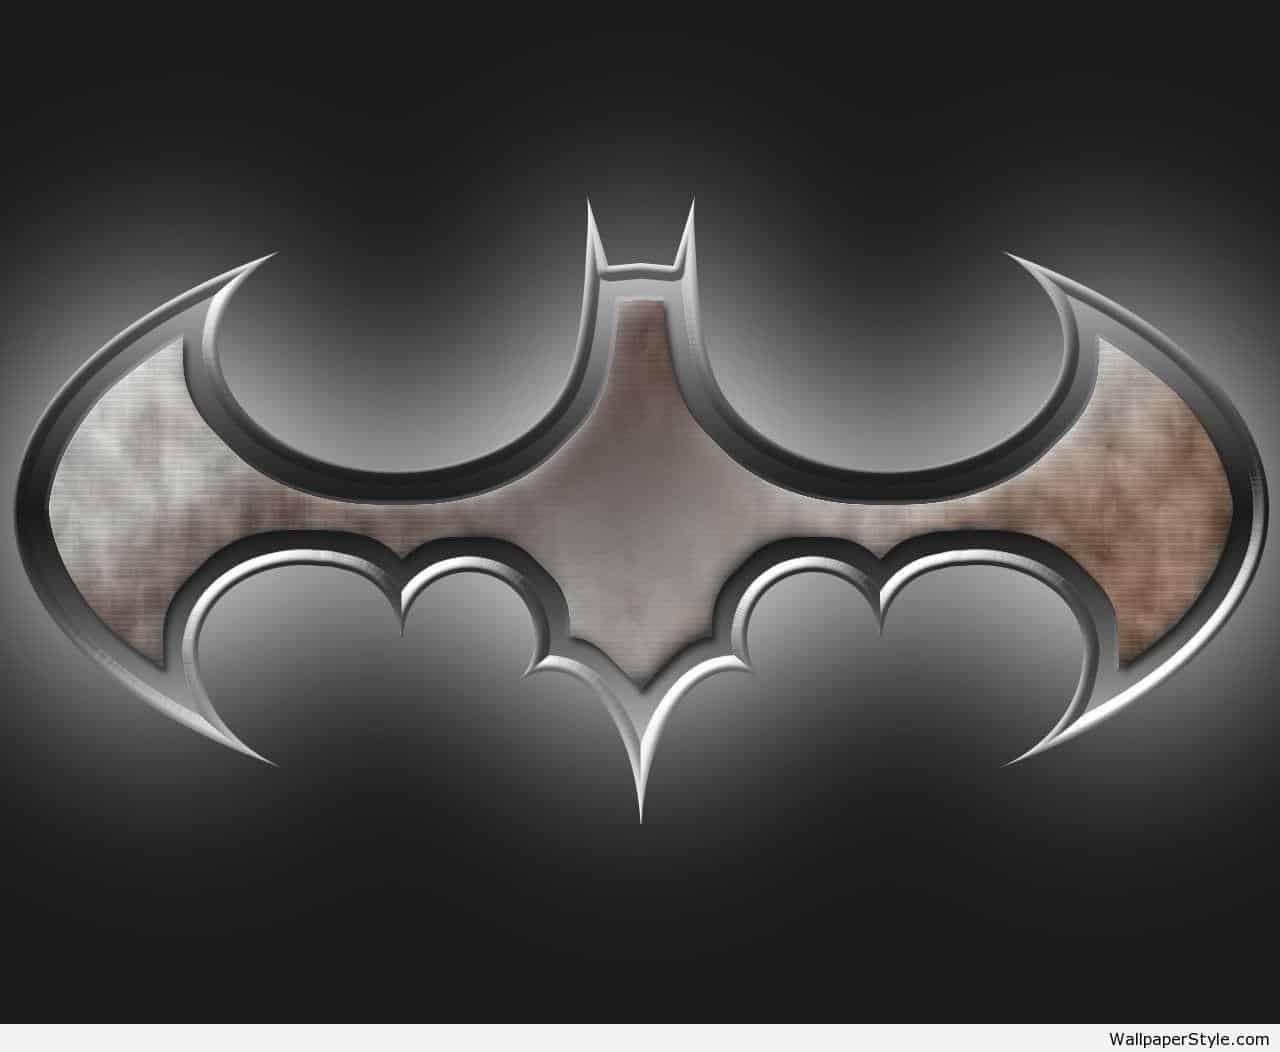 Lampada Lego Batman : Batman 3d image to download wallpaper manjur batman logo batman